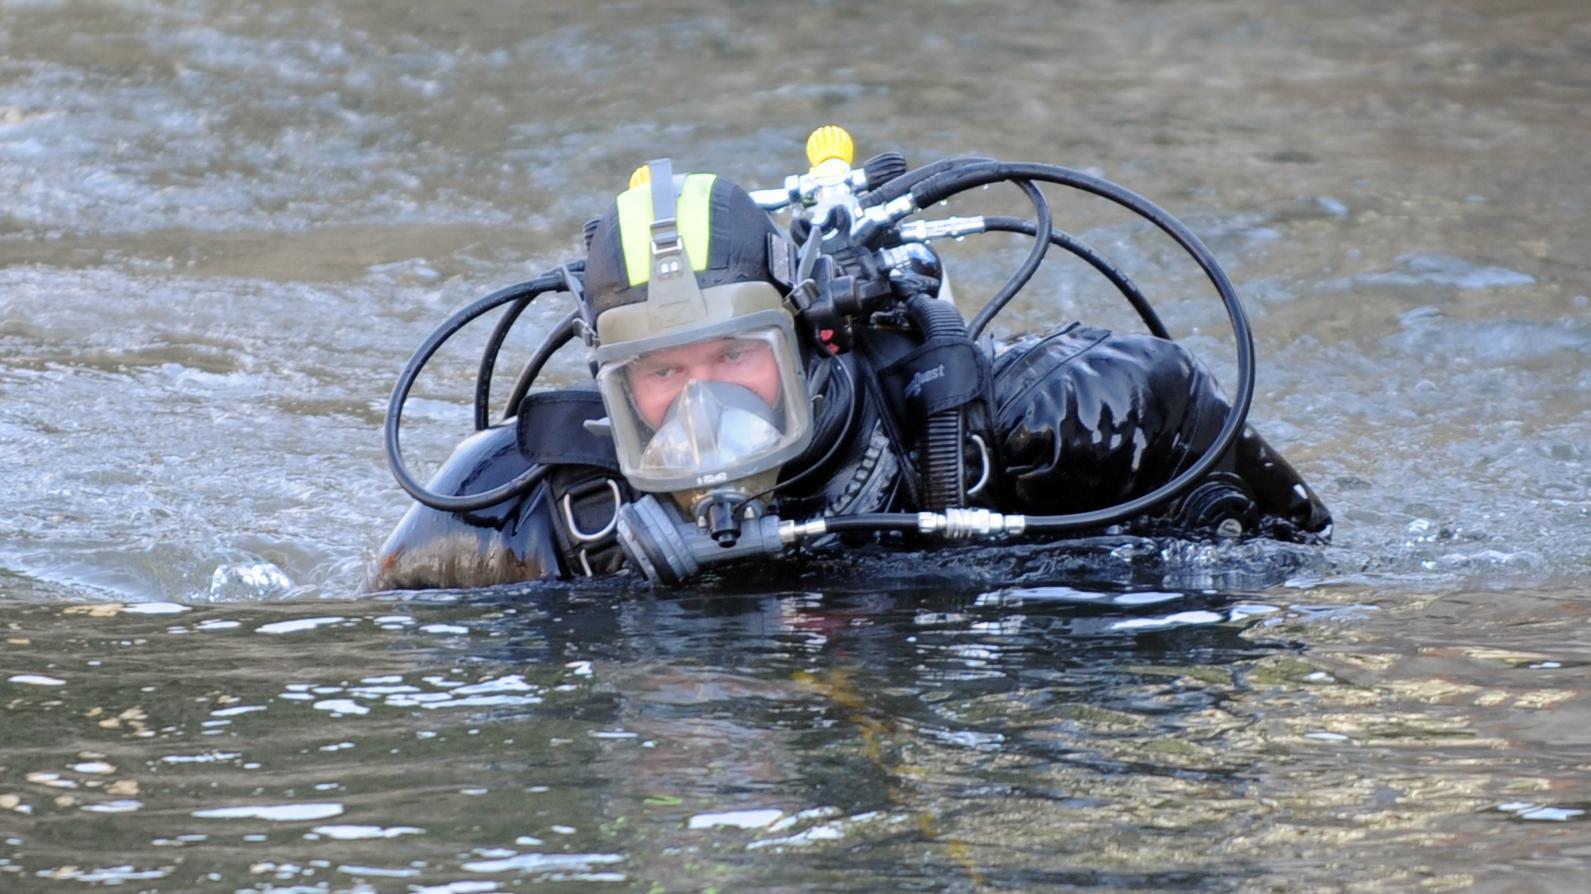 Vermisstensuche im Fluss (Symbolbild)